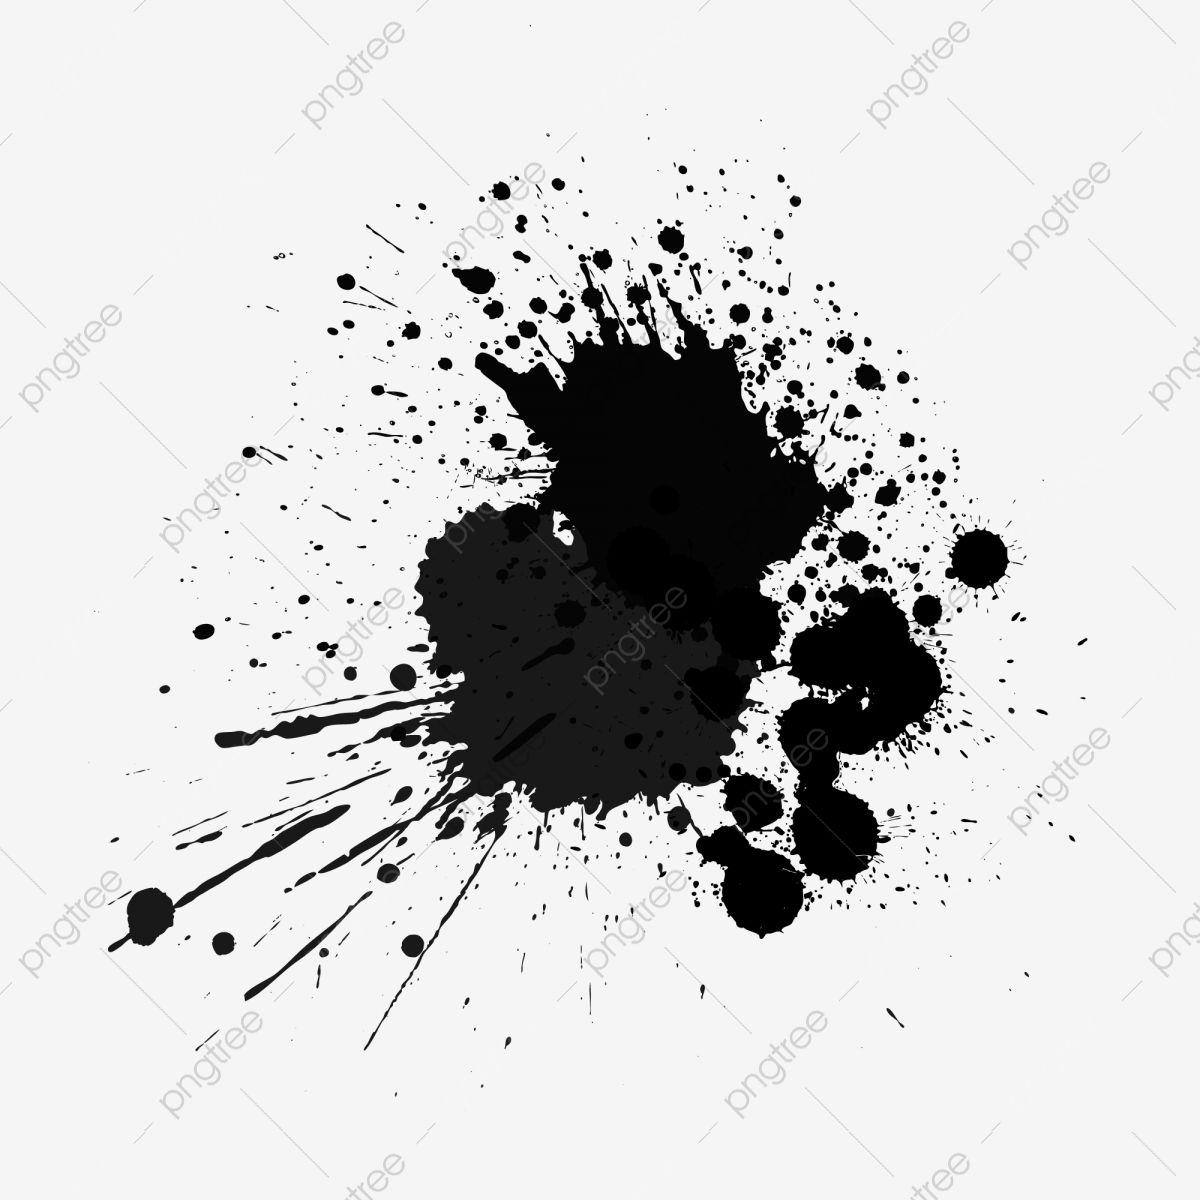 Vector Black Splash Ink Dot Element Black Splash Ink Ink Png And Vector With Transparent Background For Free Download Splash Images Black Splash Black Color Images